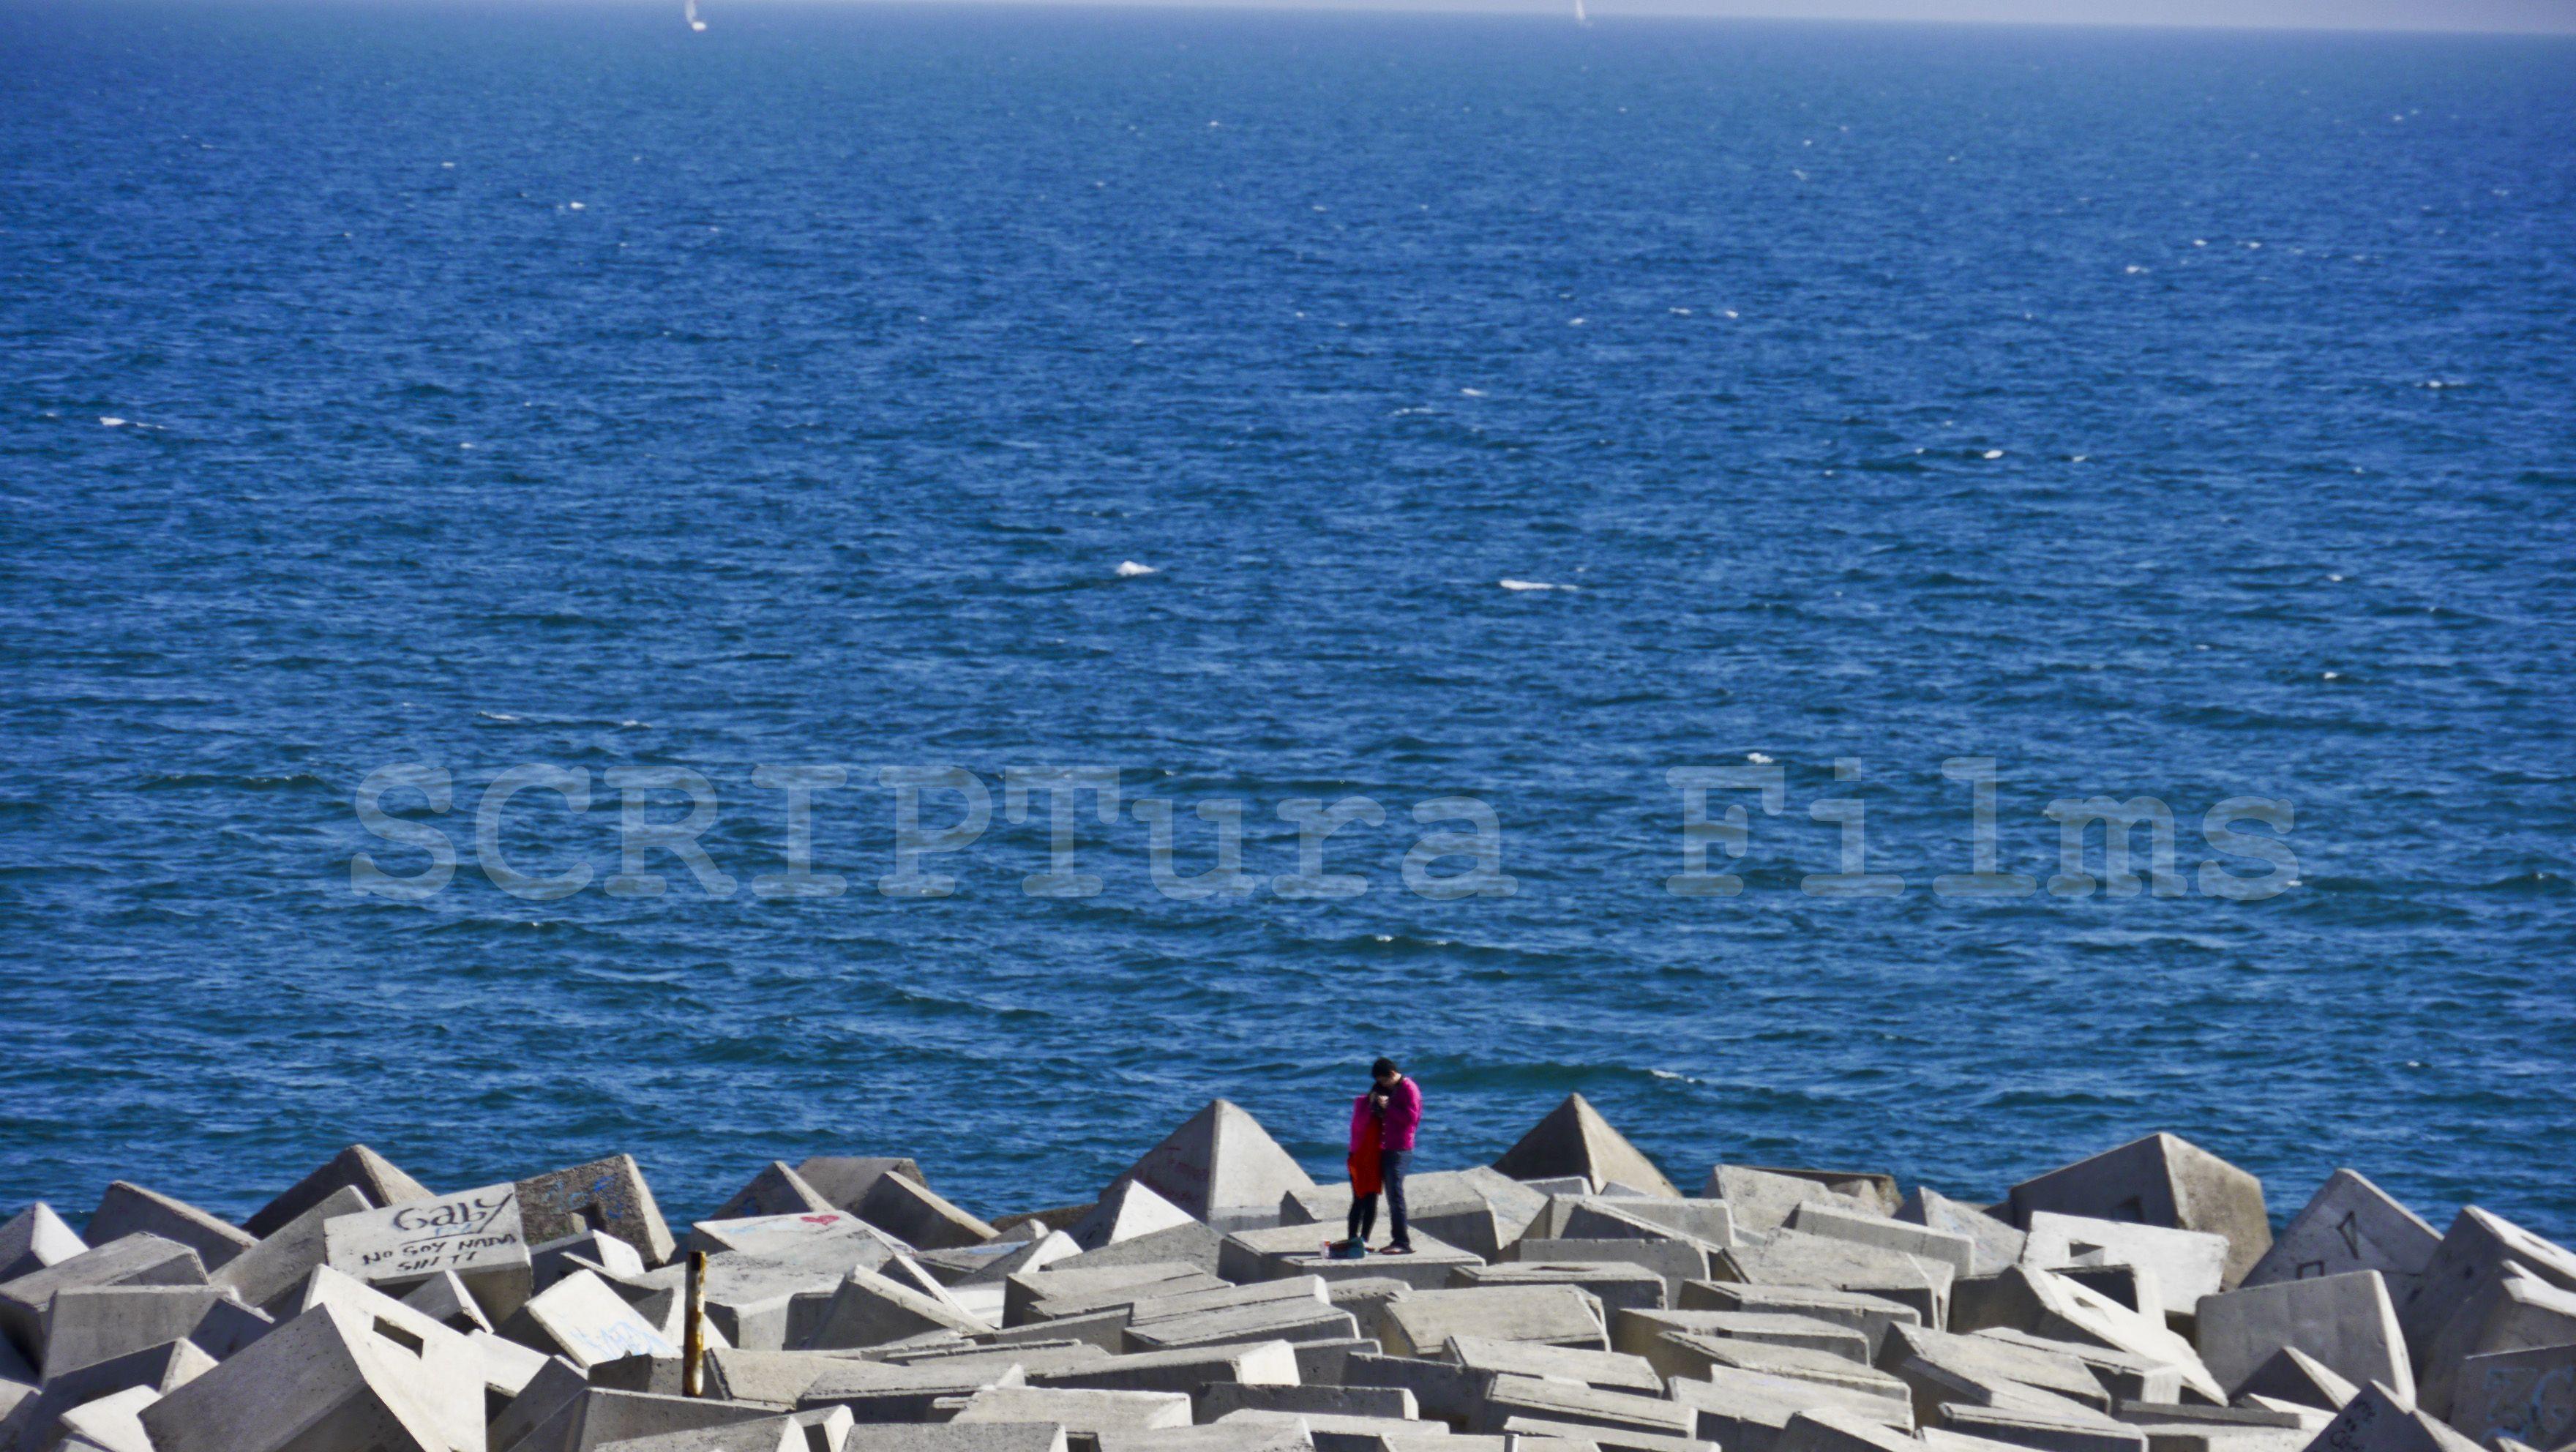 """Love Fotografía perteneciente al Portafolio """"Barcelona"""".  Las fotografías son realizadas por Dulce Ferreira y Guillermo Brinkmann.  Edición: Dulce Ferreira."""